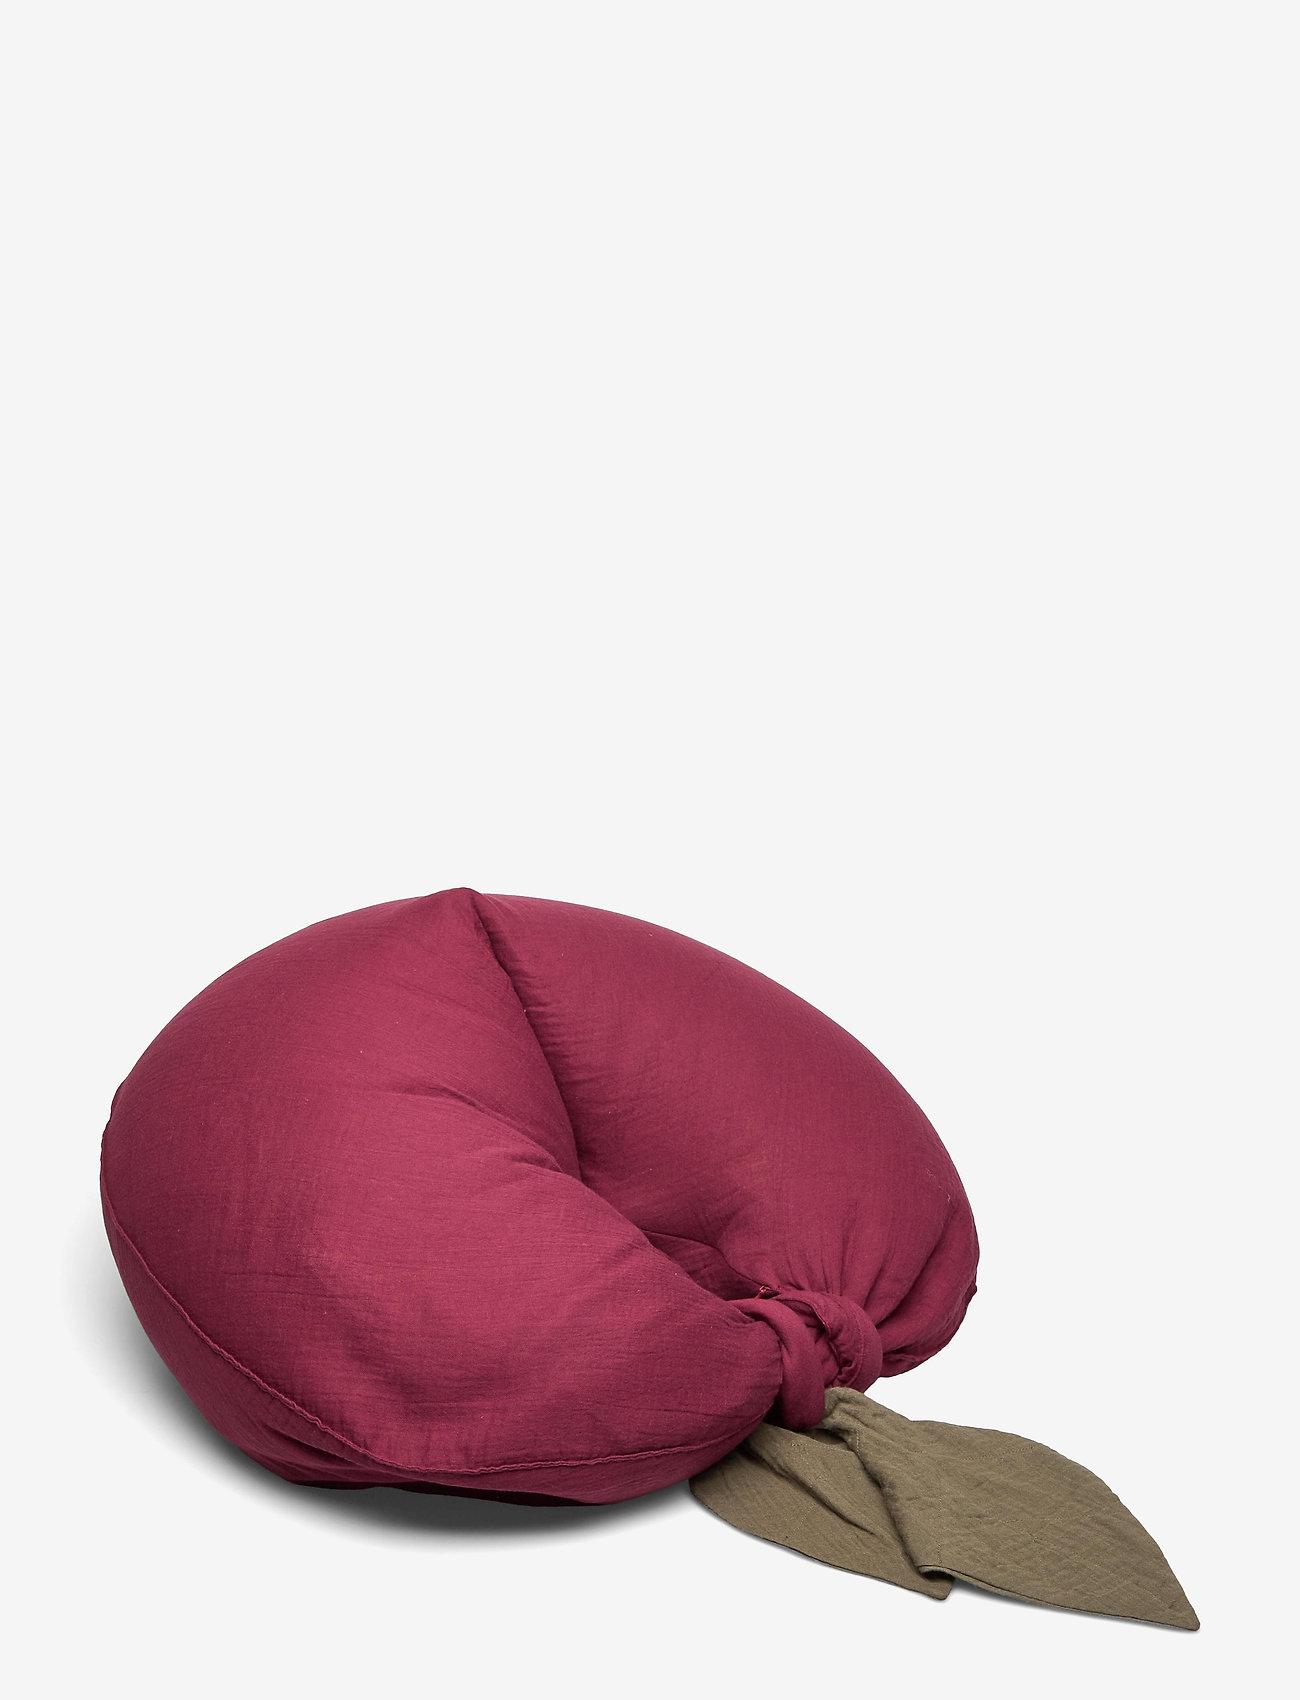 Nursing pillow large plum